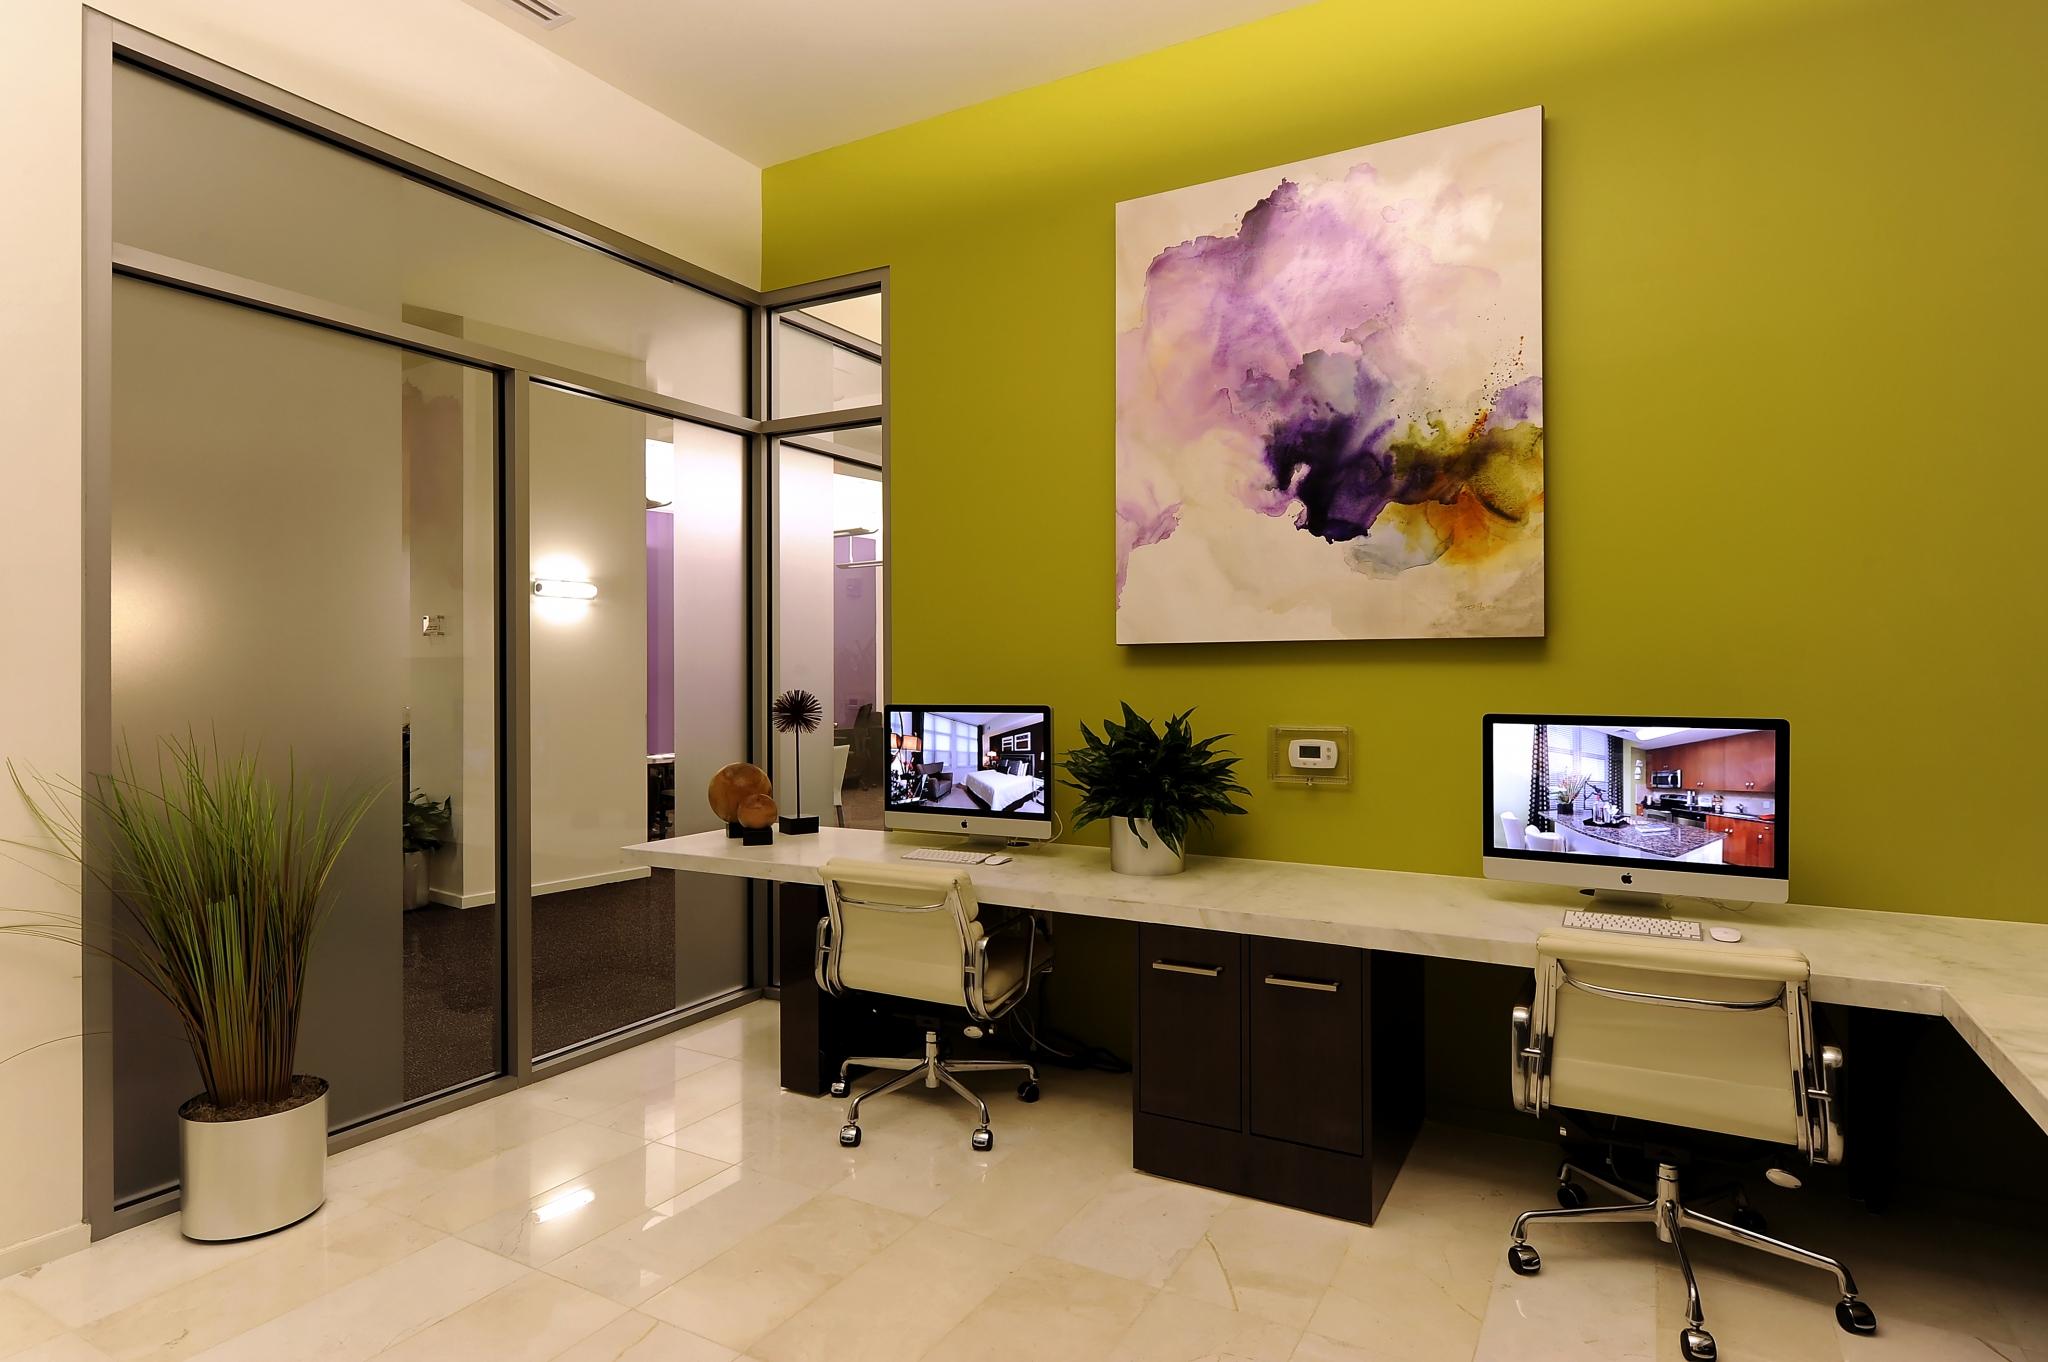 Siena Park Apartments image 10